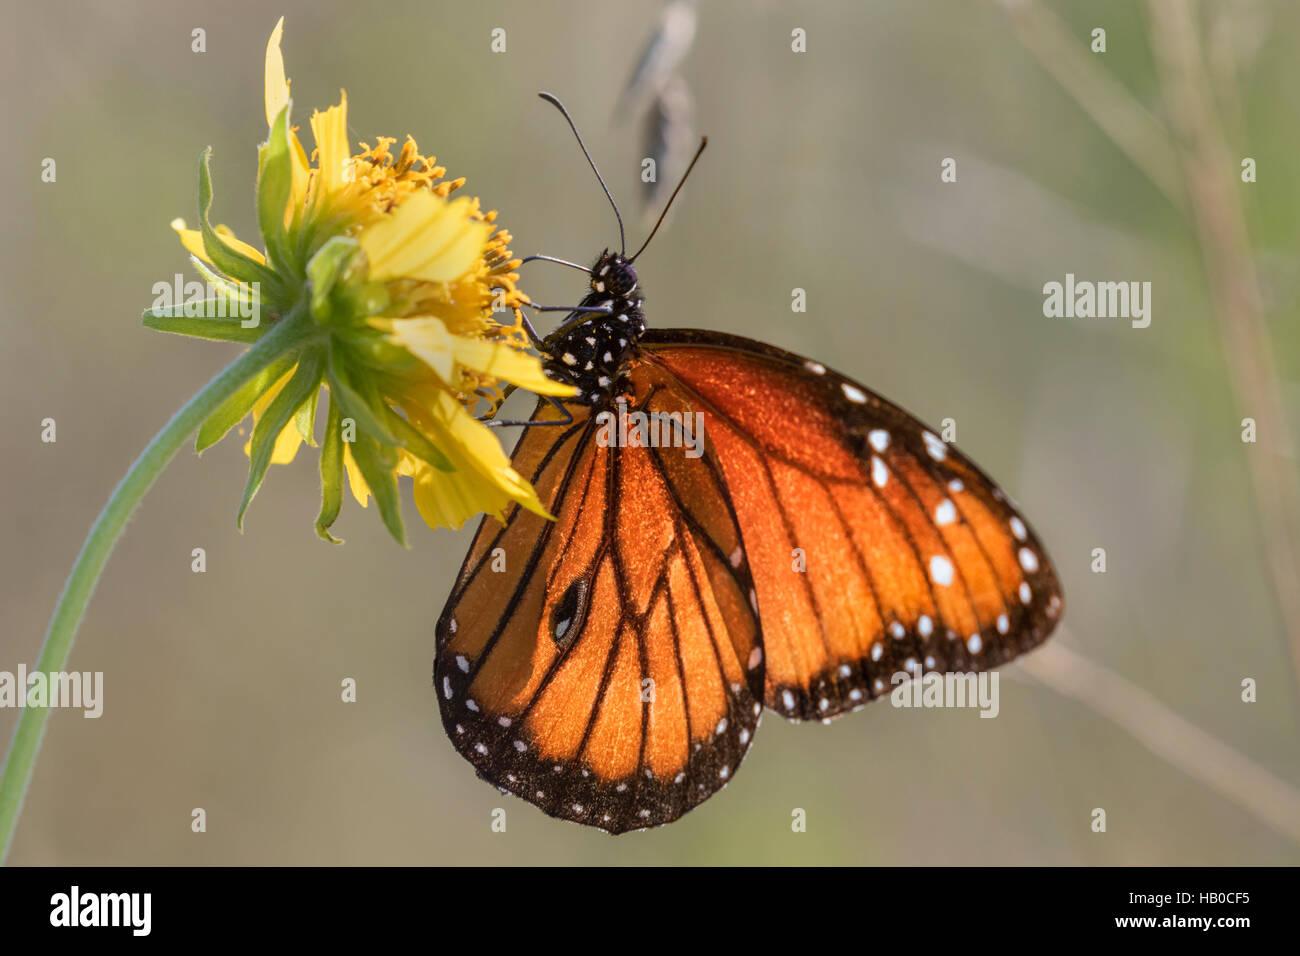 Regina butterfly (Danaus gilippus) alimentazione in un prato assolato, Aransas, Texas, Stati Uniti d'America Immagini Stock